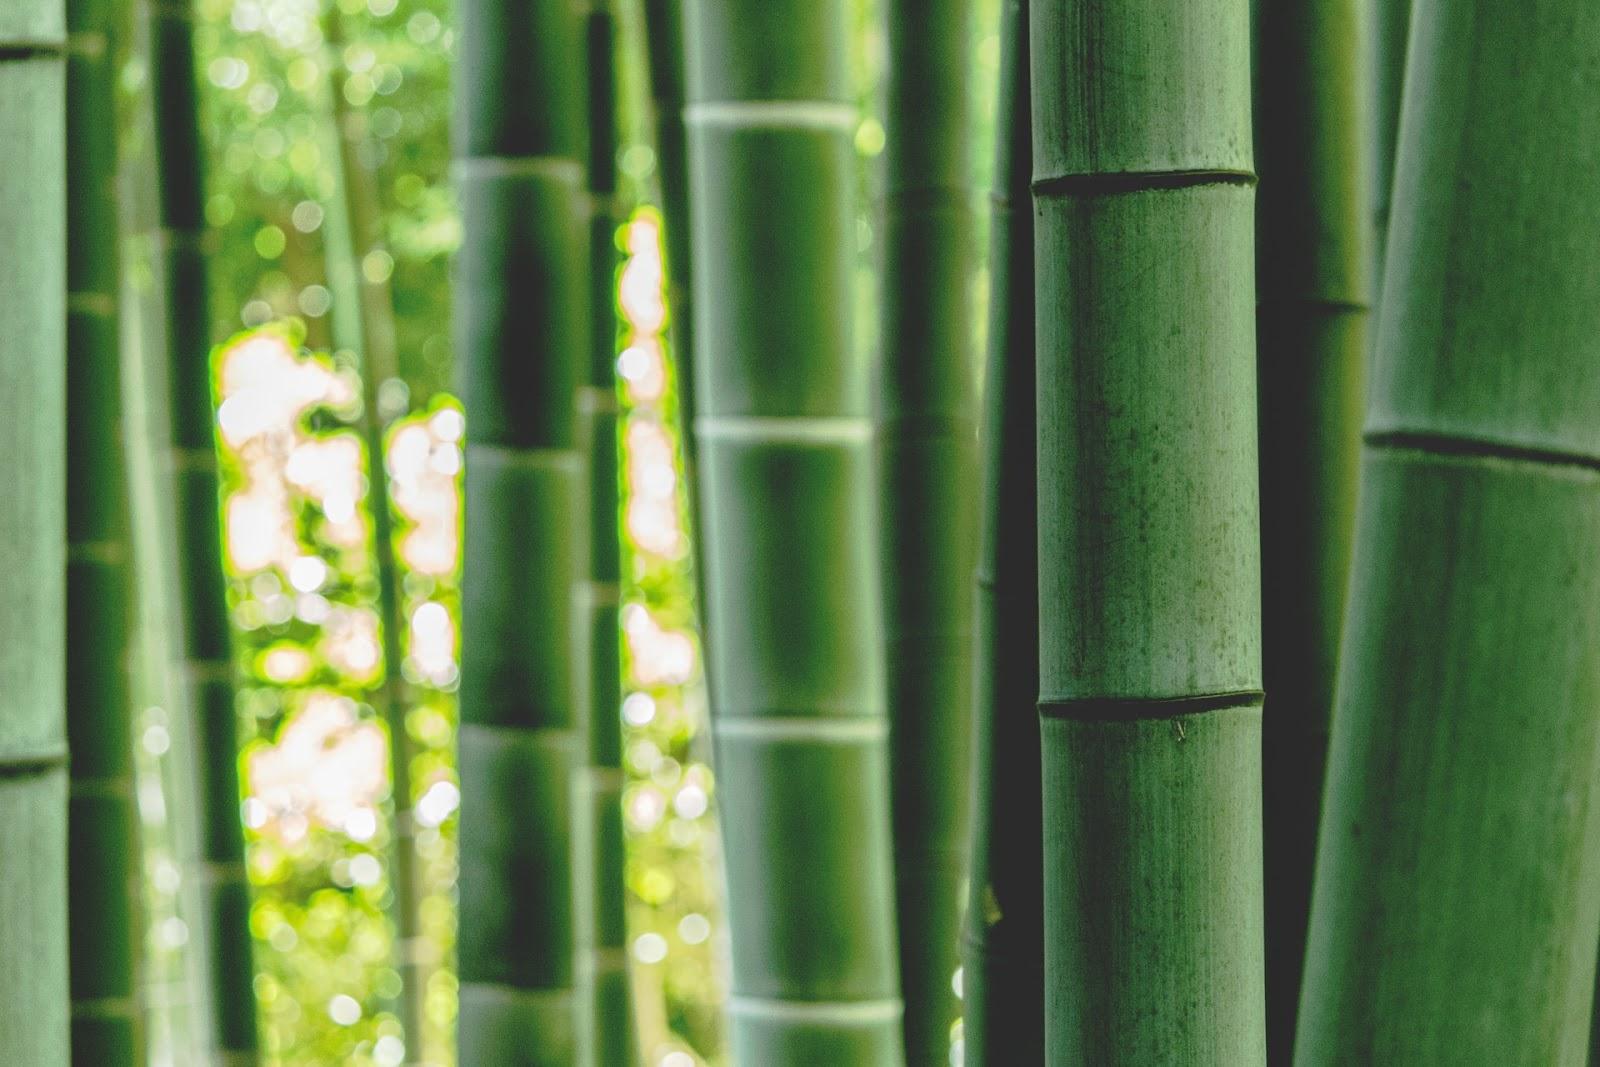 O cultivo de bambu não necessita do uso de agentes nocivos para o solo, como pesticidas ou herbicidas. Seu uso em papéis, móveis, materiais de construção, artesanato e outros o apresenta como uma ótima opção versátil. (Unsplash/Reprodução)